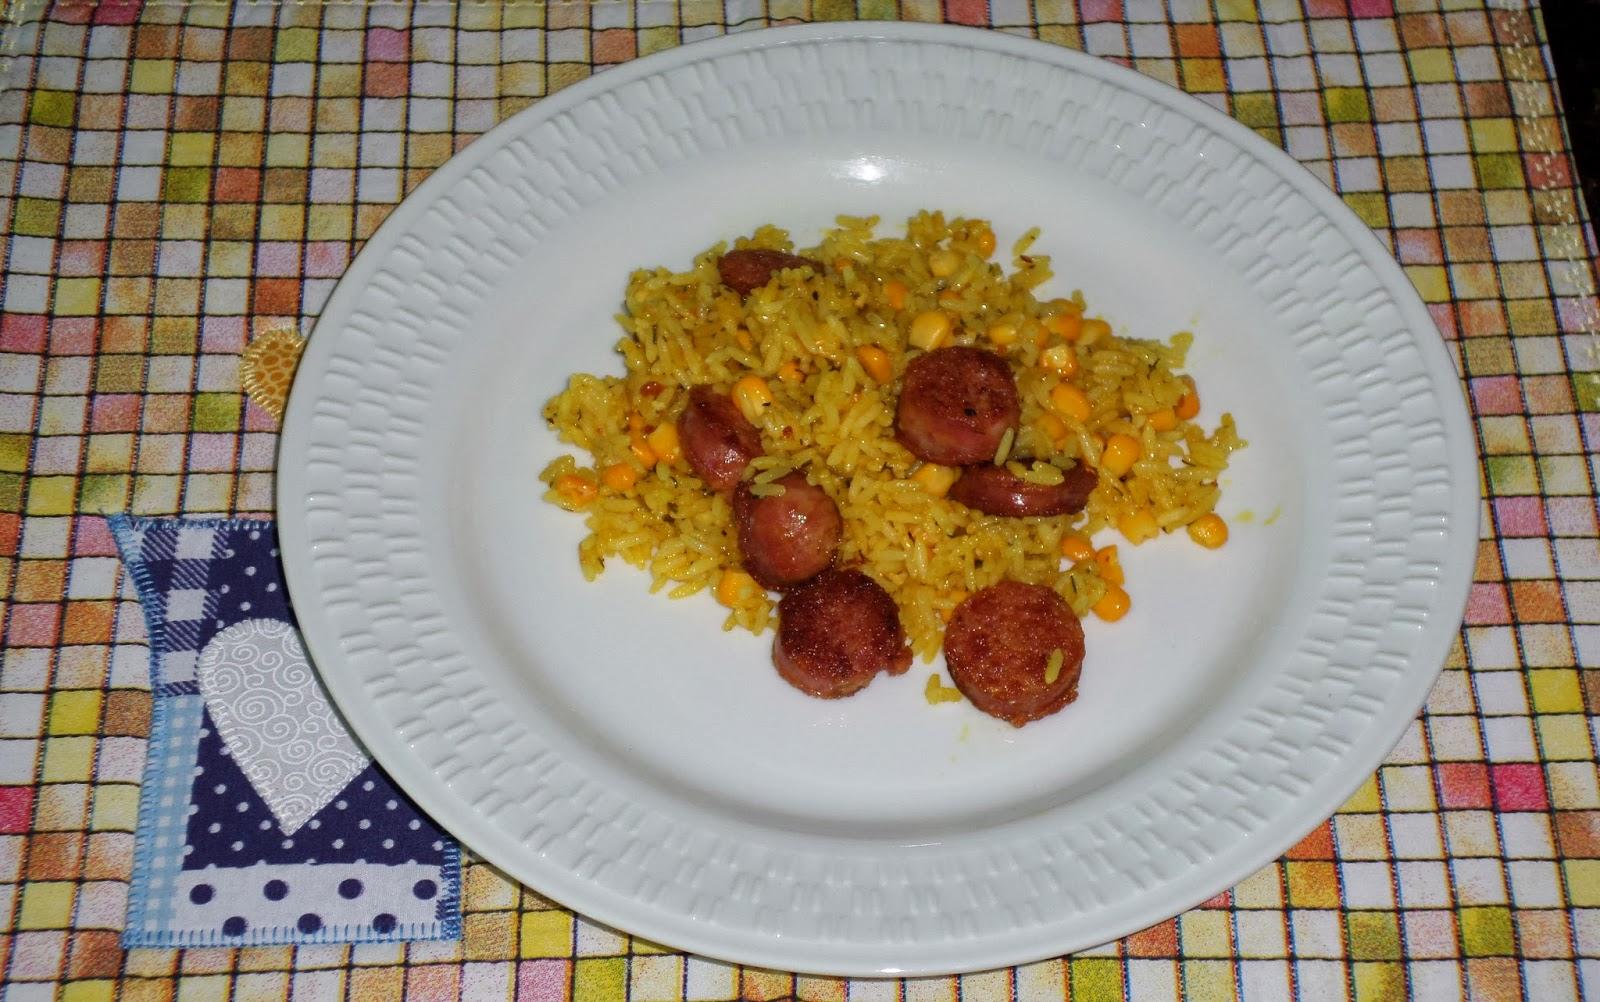 arroz frito com linguiça e milho